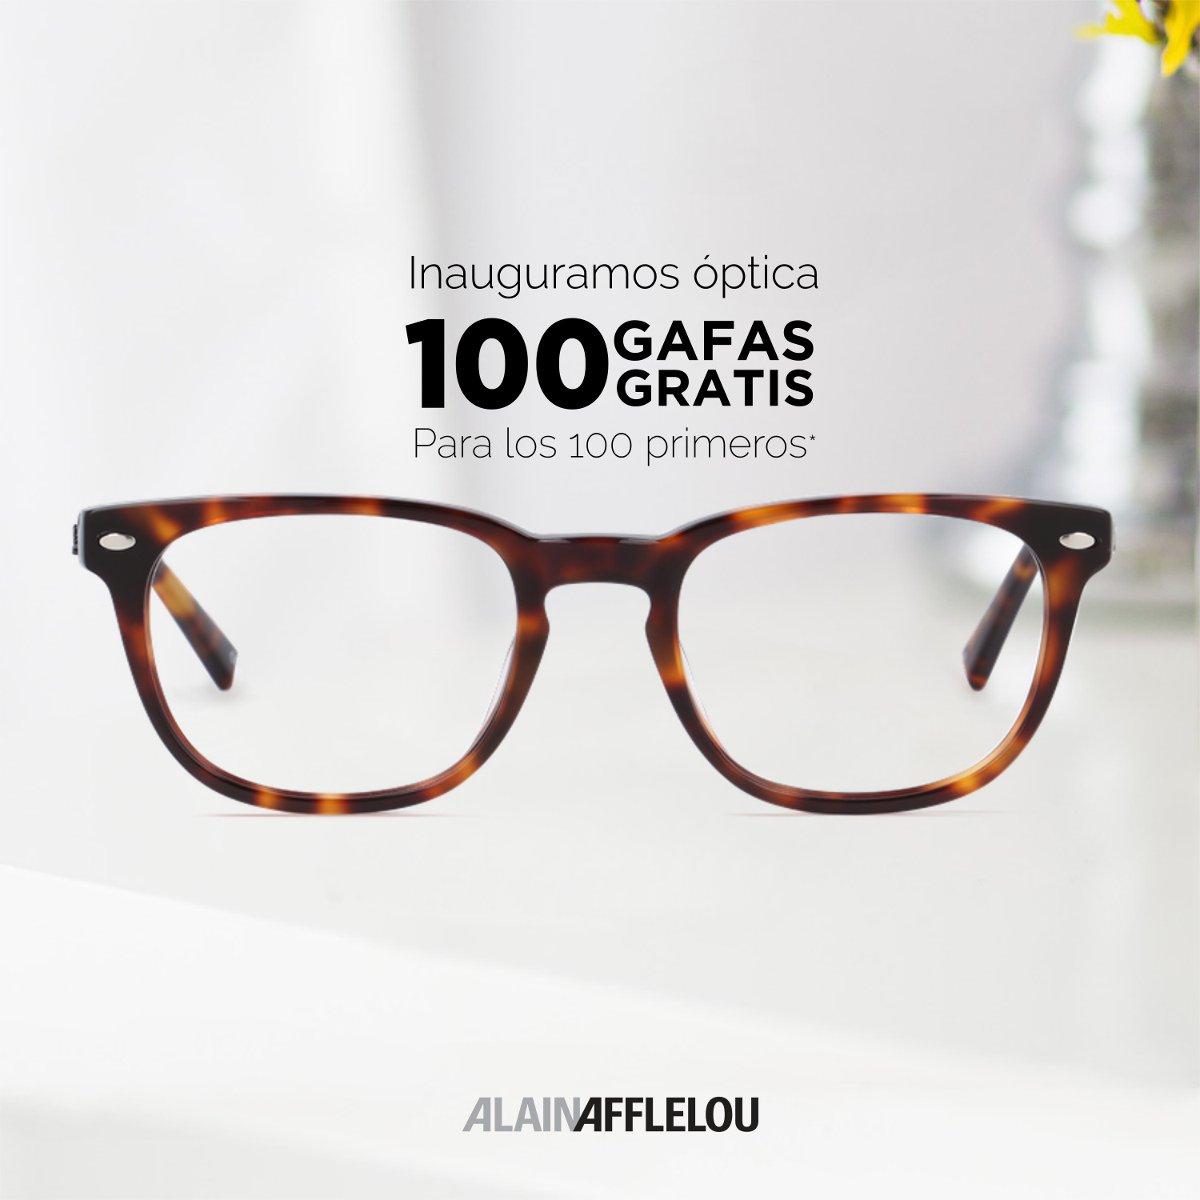 Gafas Graduadas GRATIS Alain Afflelou Logroño y nuevas inauguraciones